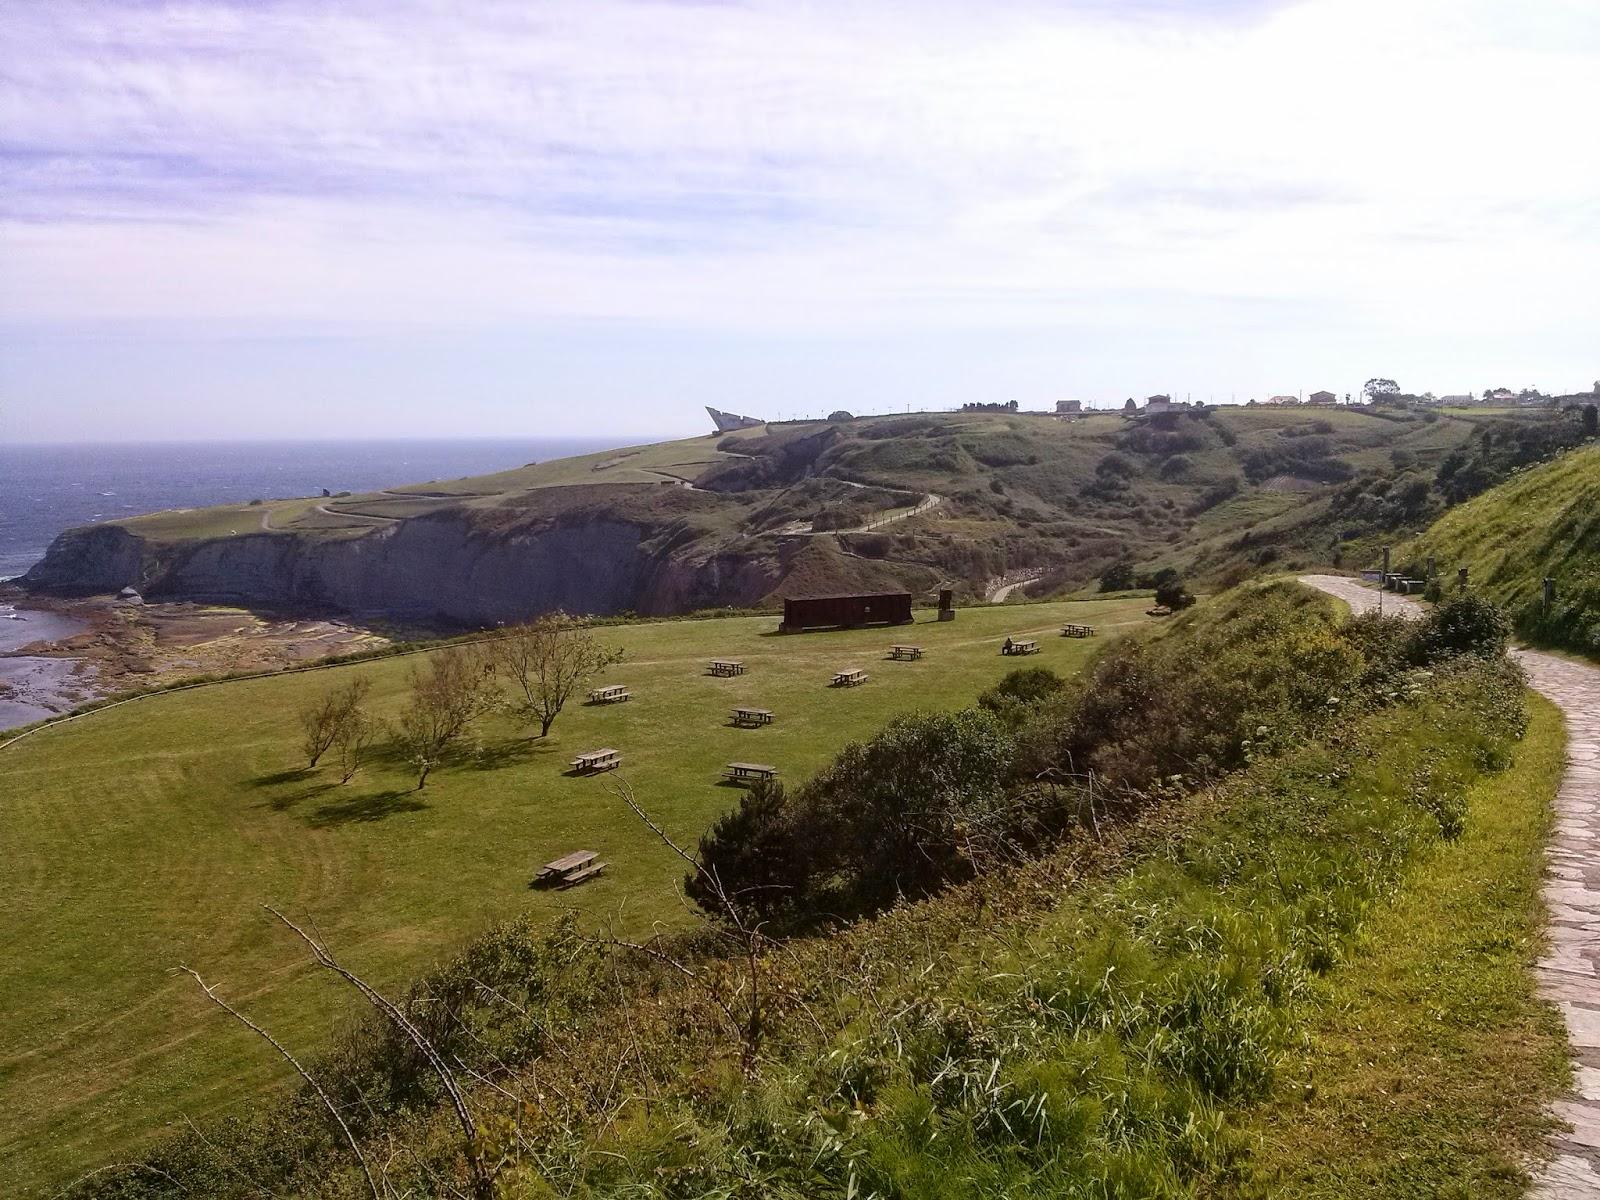 gijon mirador providencia ruta senderismo merendero asturias